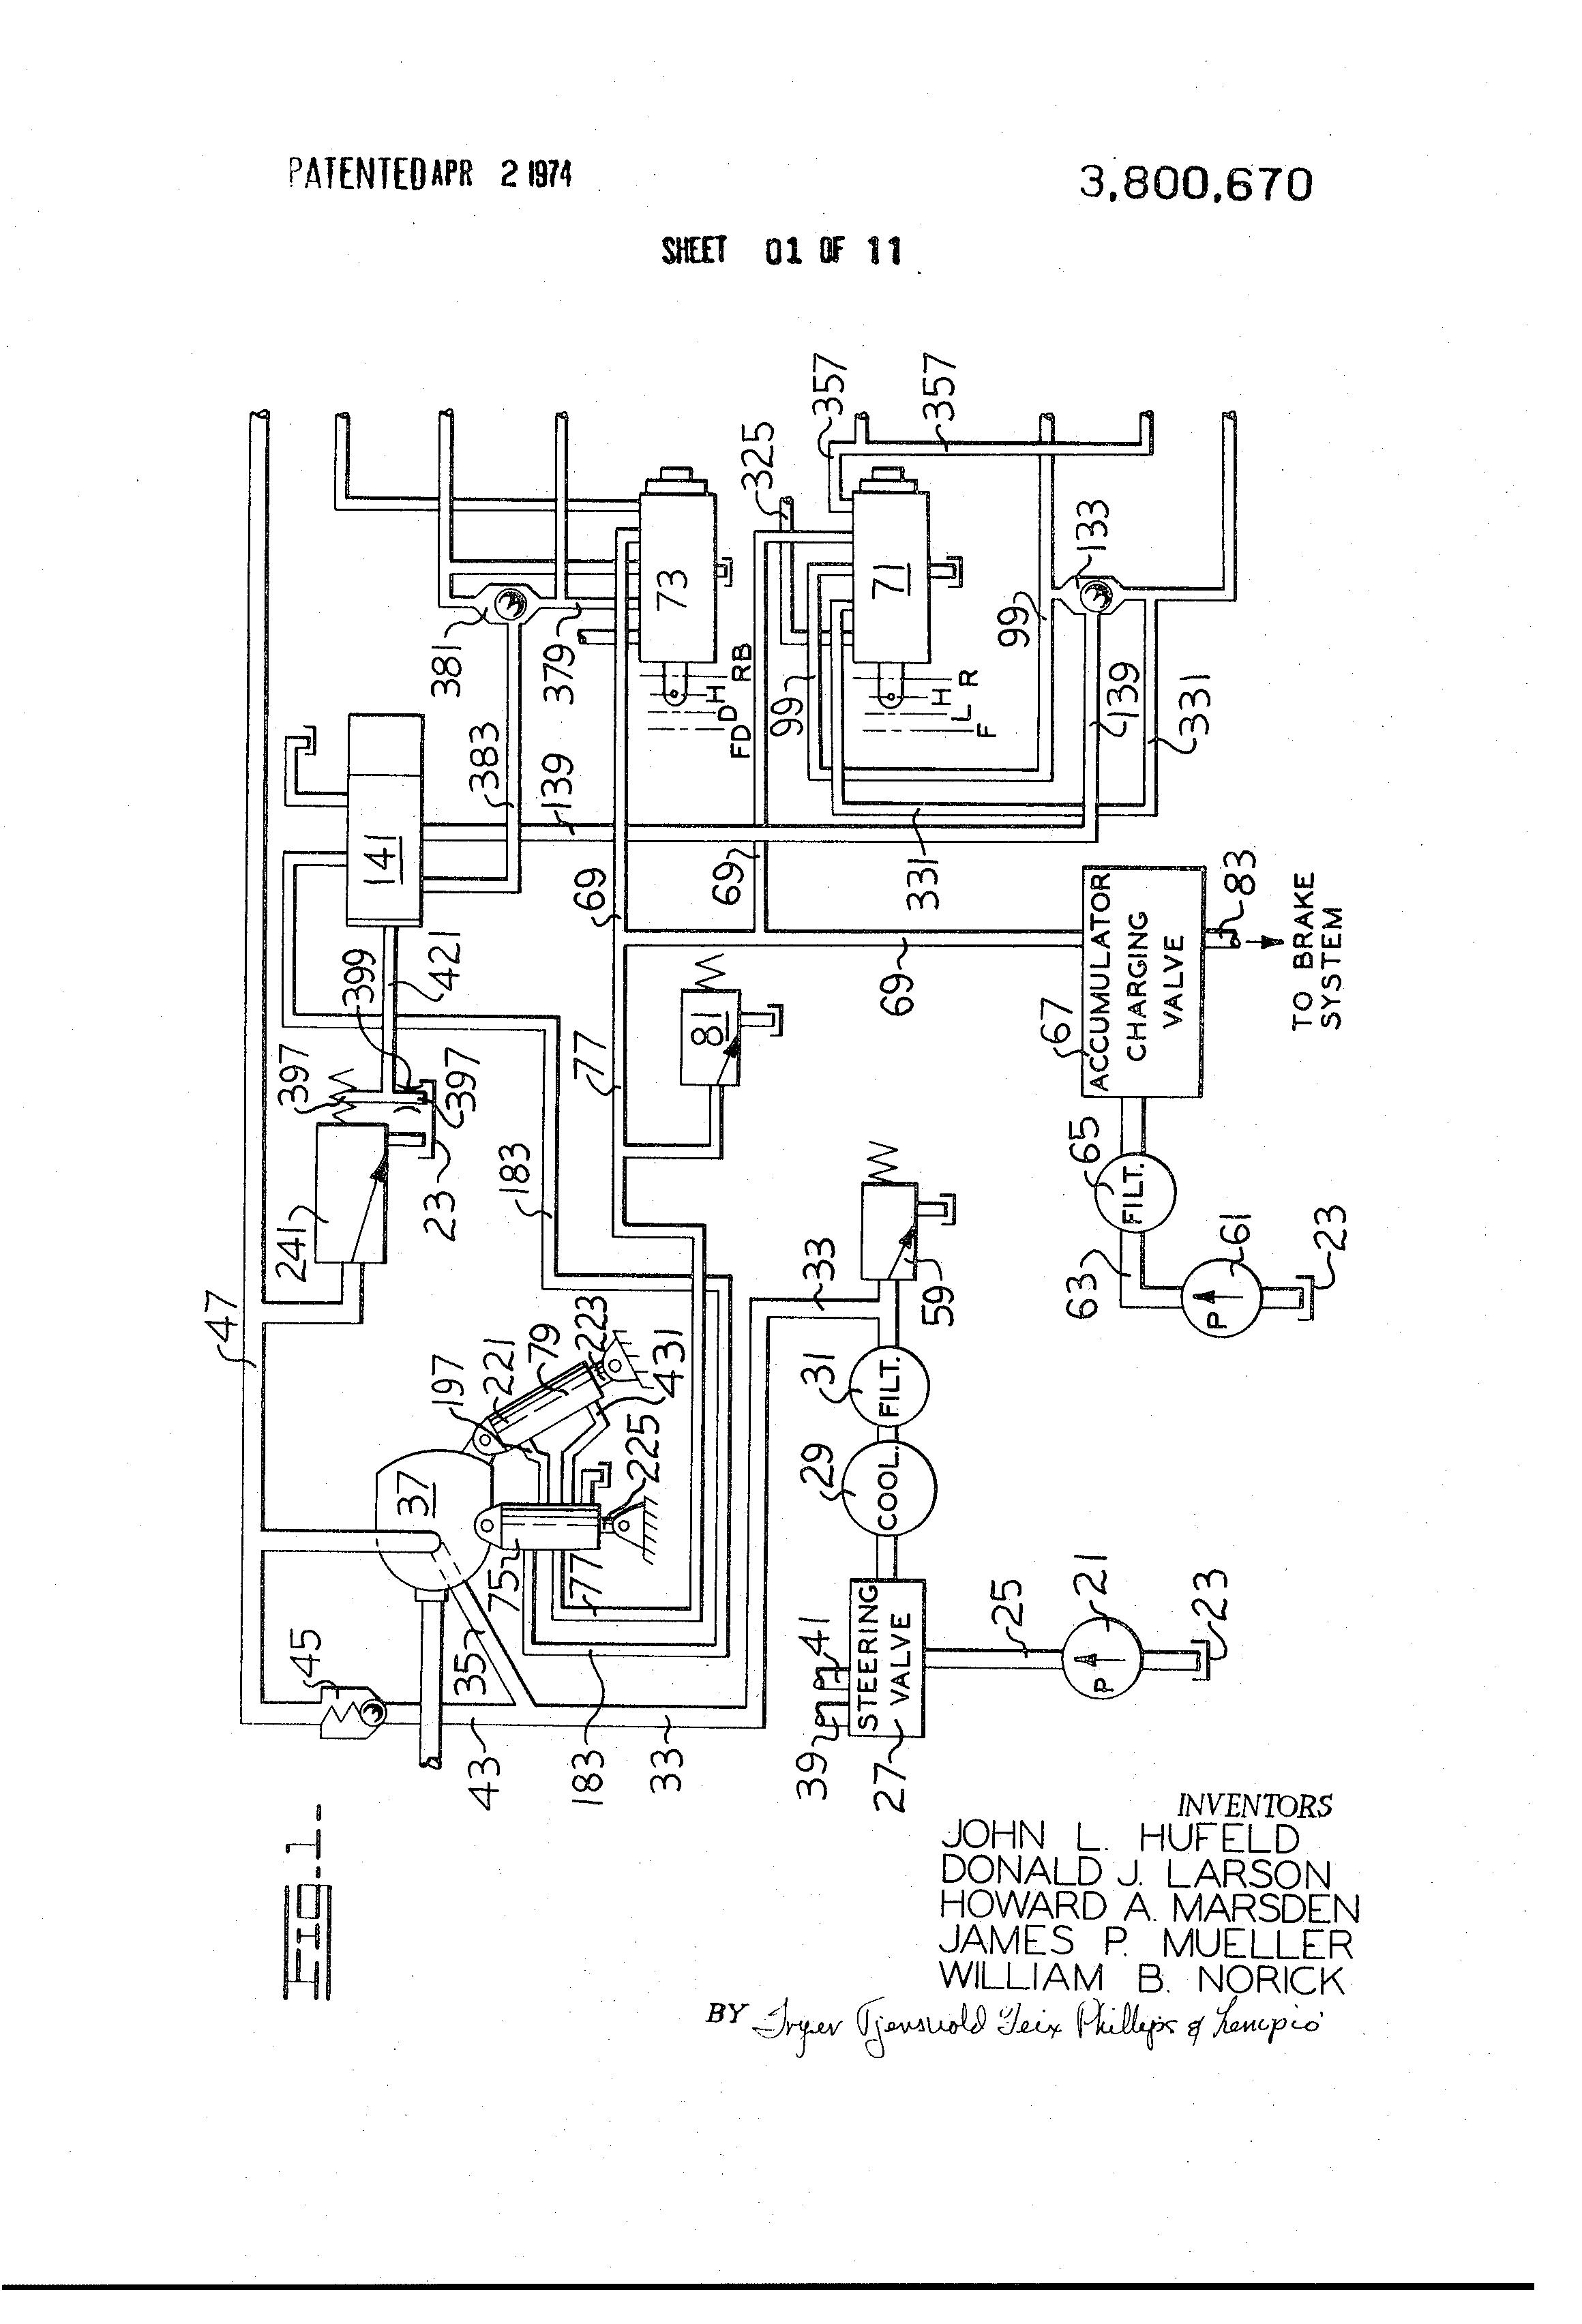 Centurylink Wiring Diagram